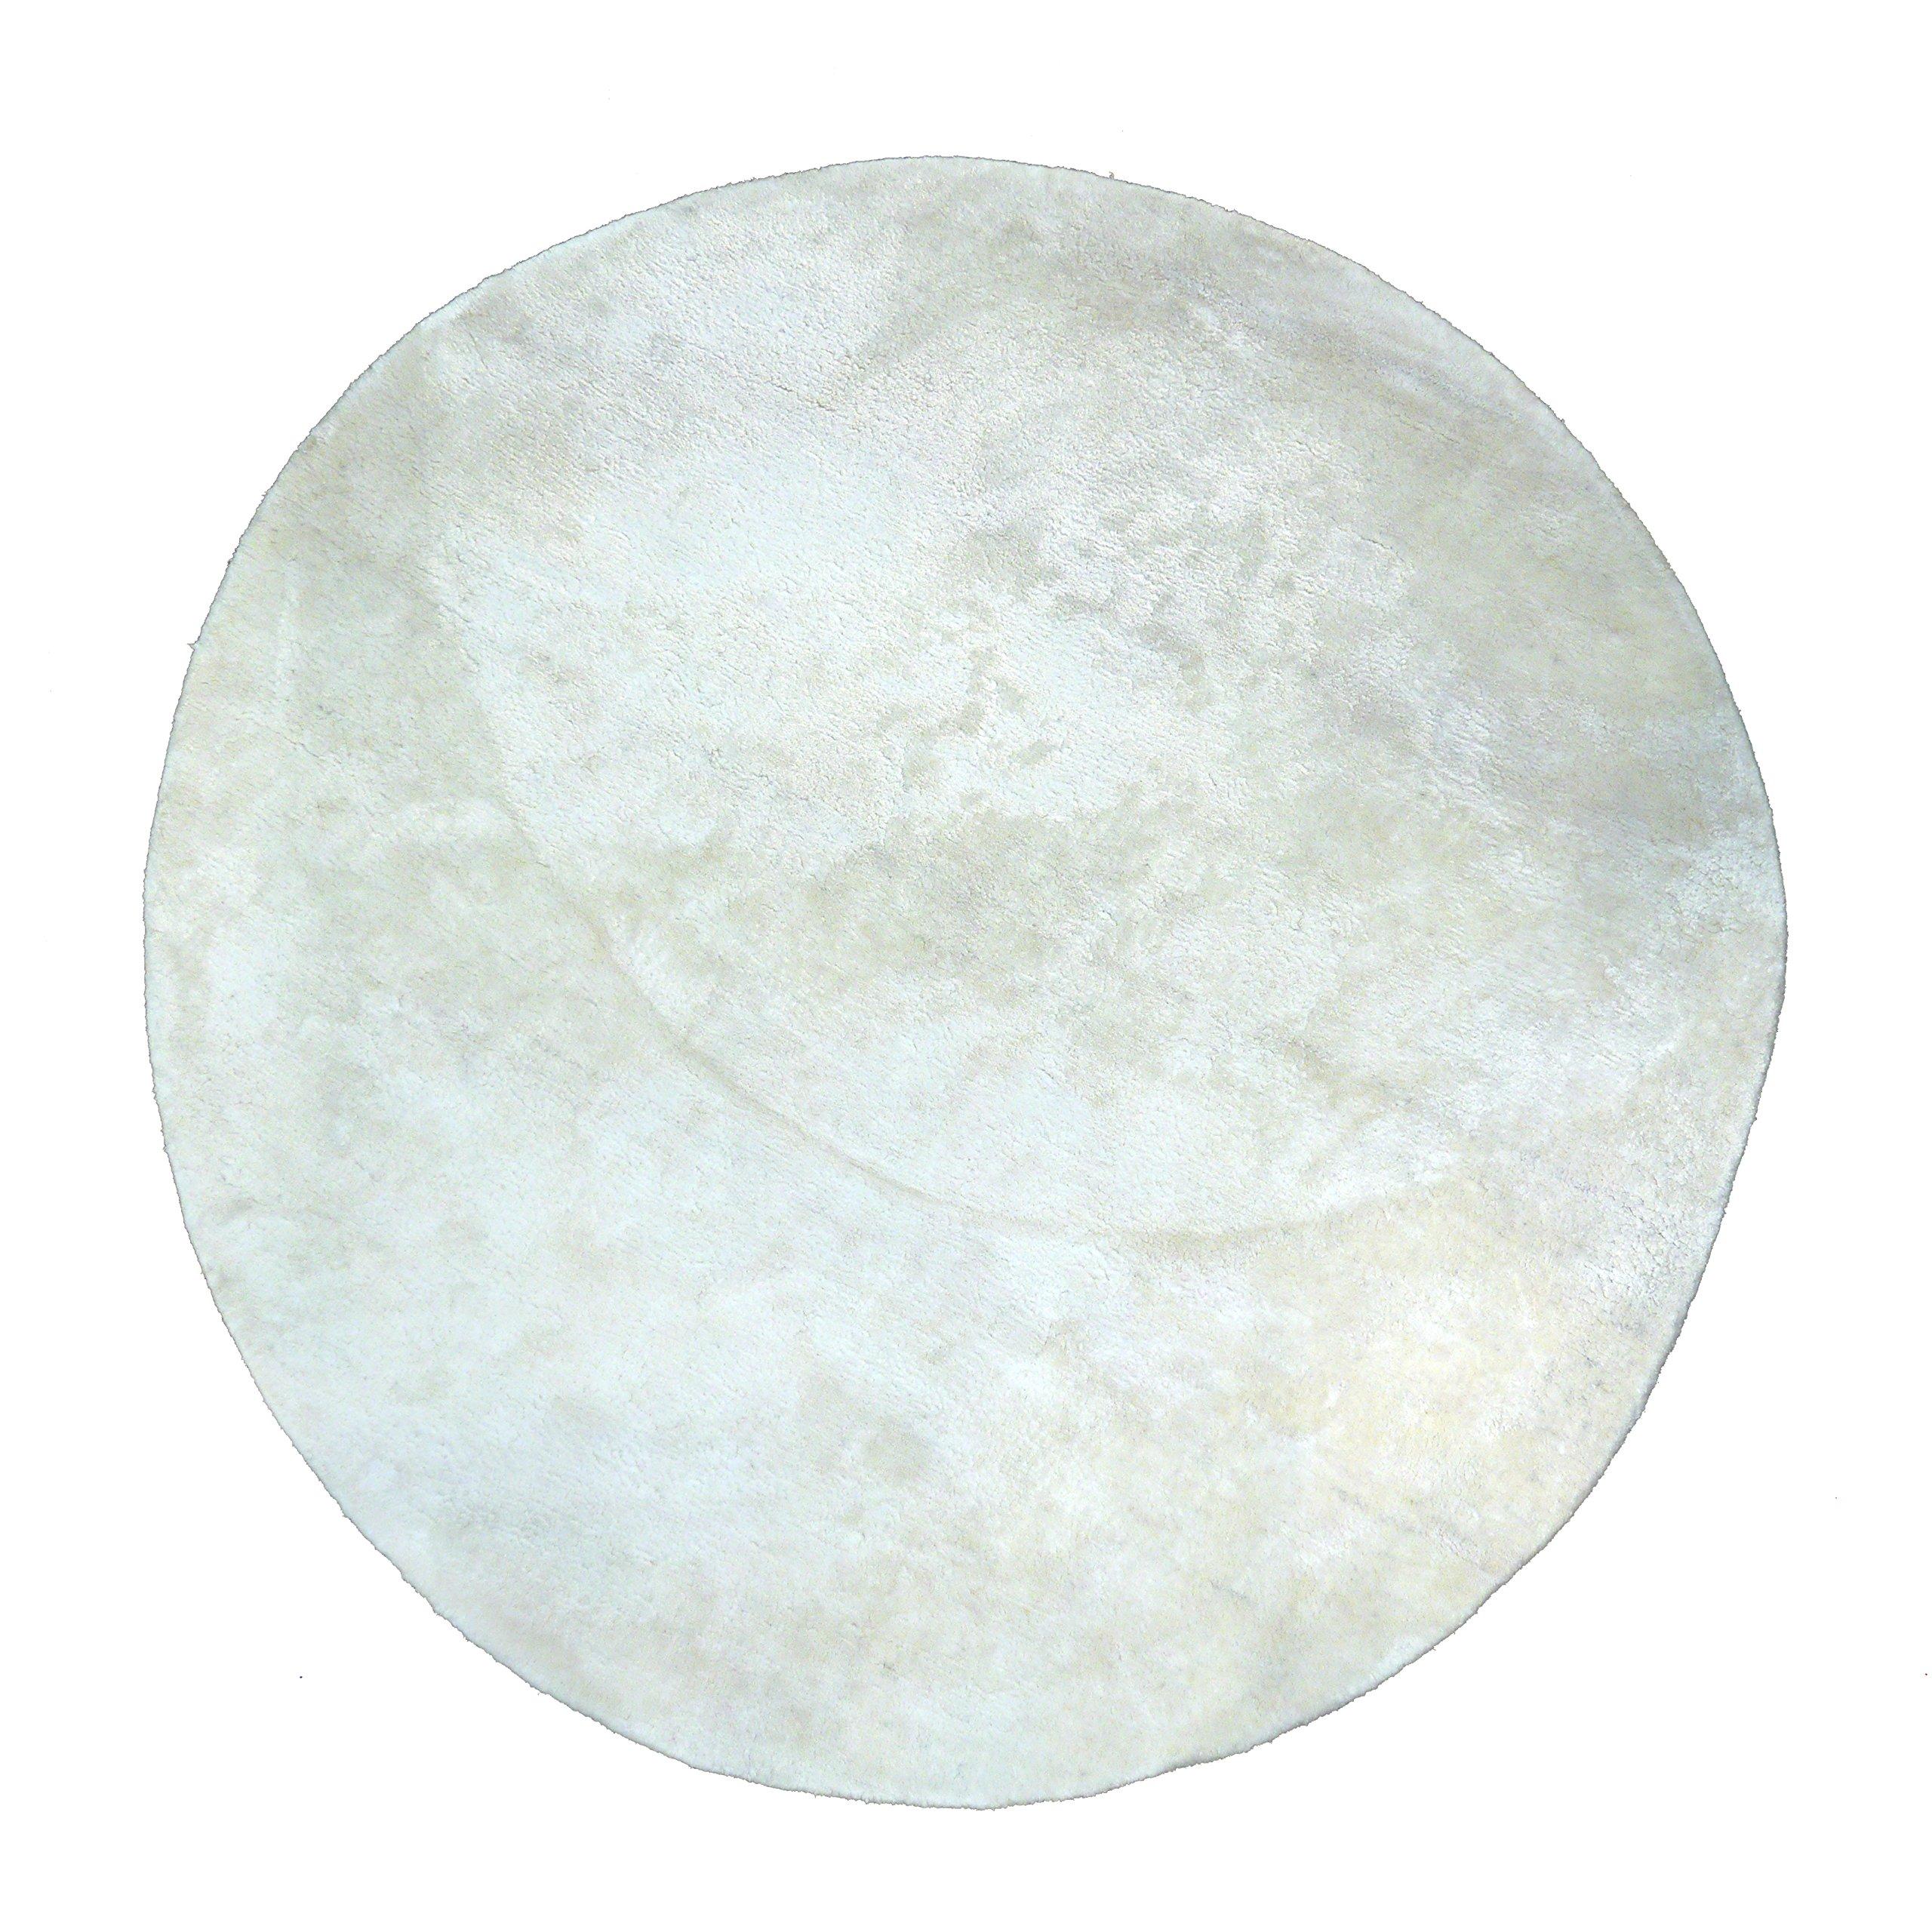 Pilepoil tappeto cerchio seta e cotone (130D, Bianco)